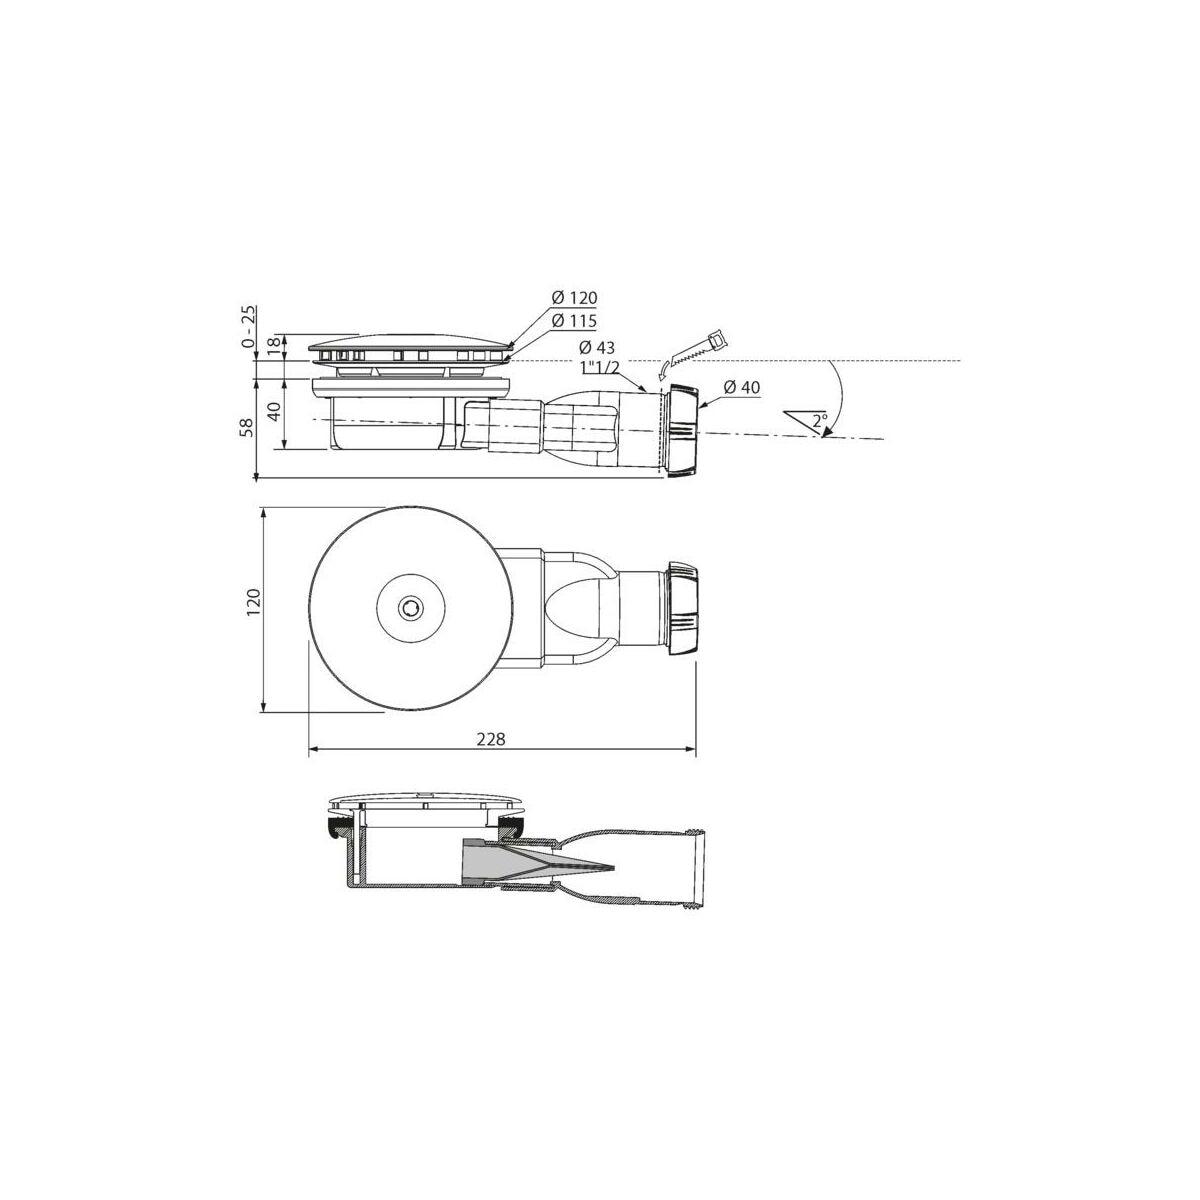 Syfon Brodzikowy 90 Mm Slim Wirquin Syfony W Atrakcyjnej Cenie W Sklepach Leroy Merlin